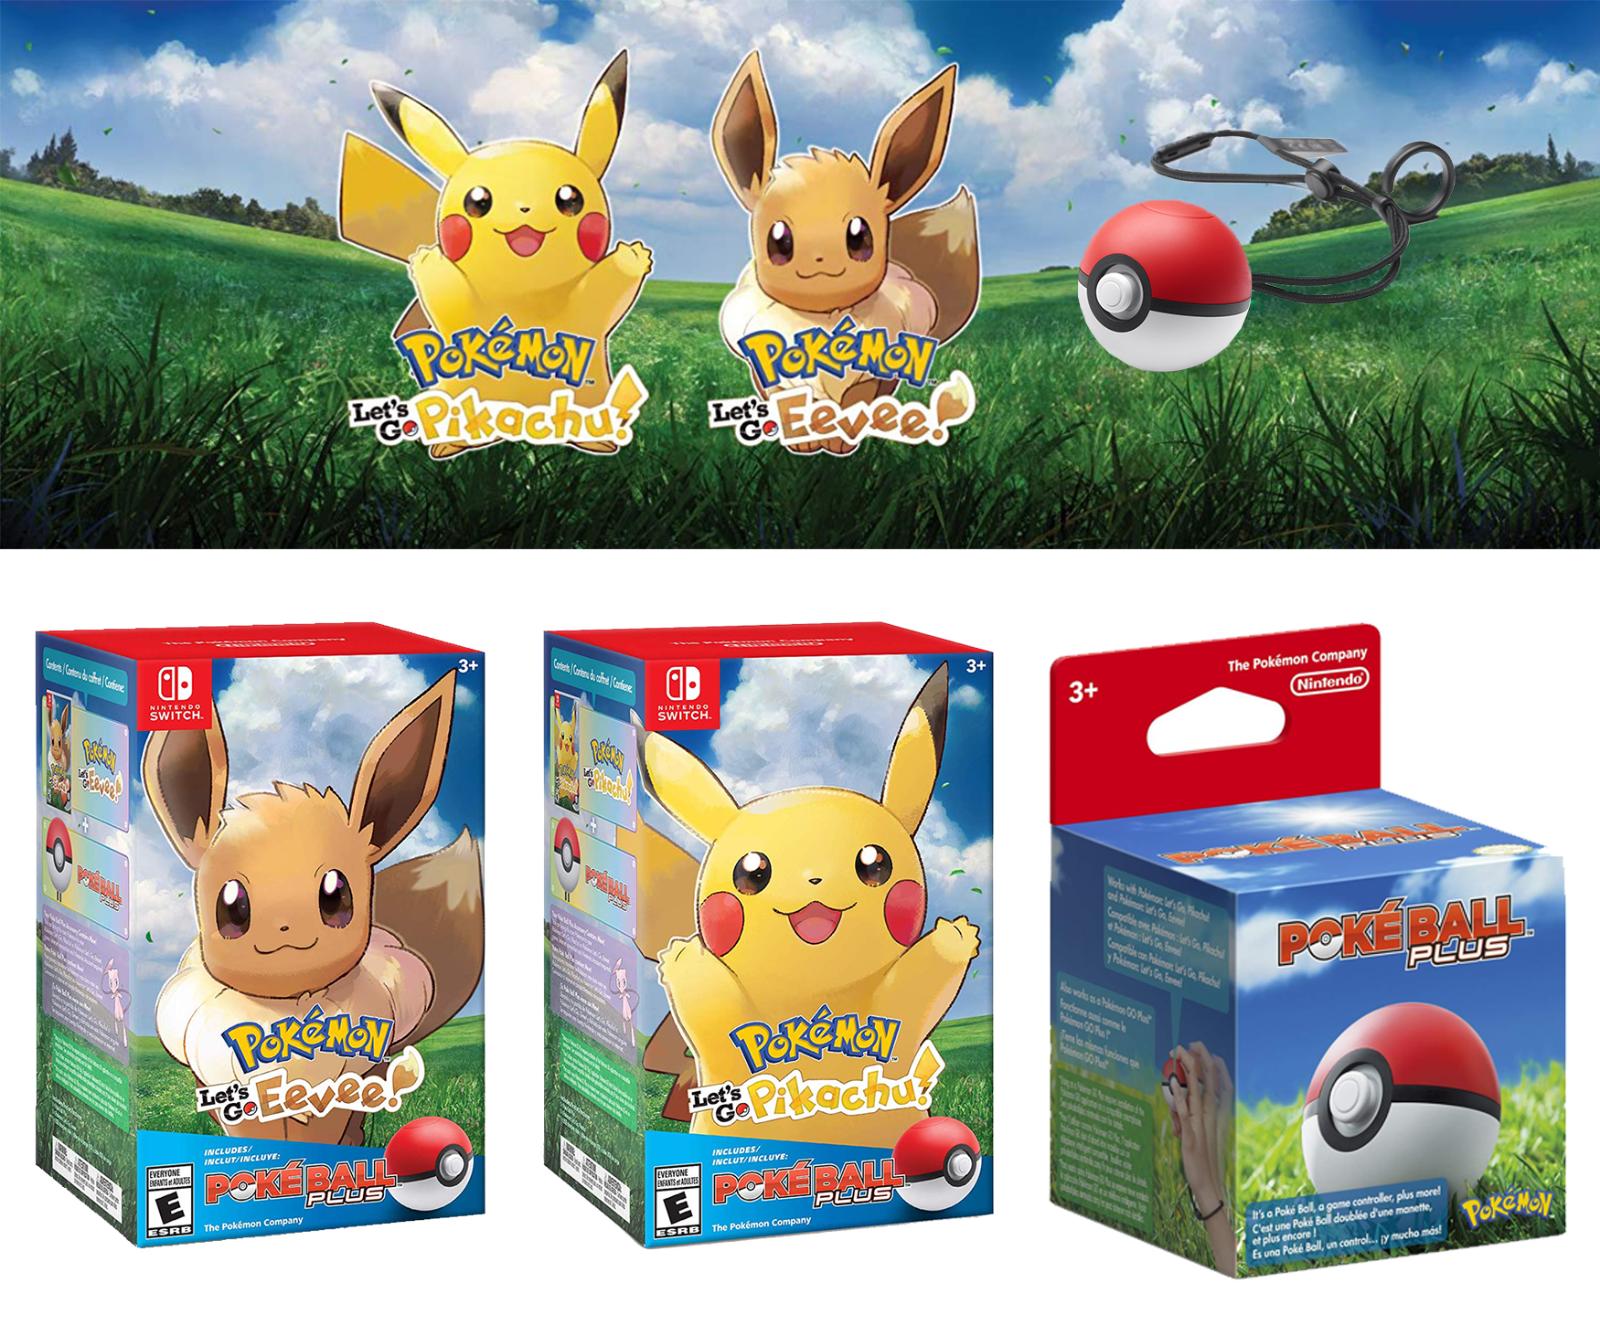 Nintendo Switch Pokemon Let's Go Pikachu & Eevee Edition Game w/ Poké Ball Plus   eBay